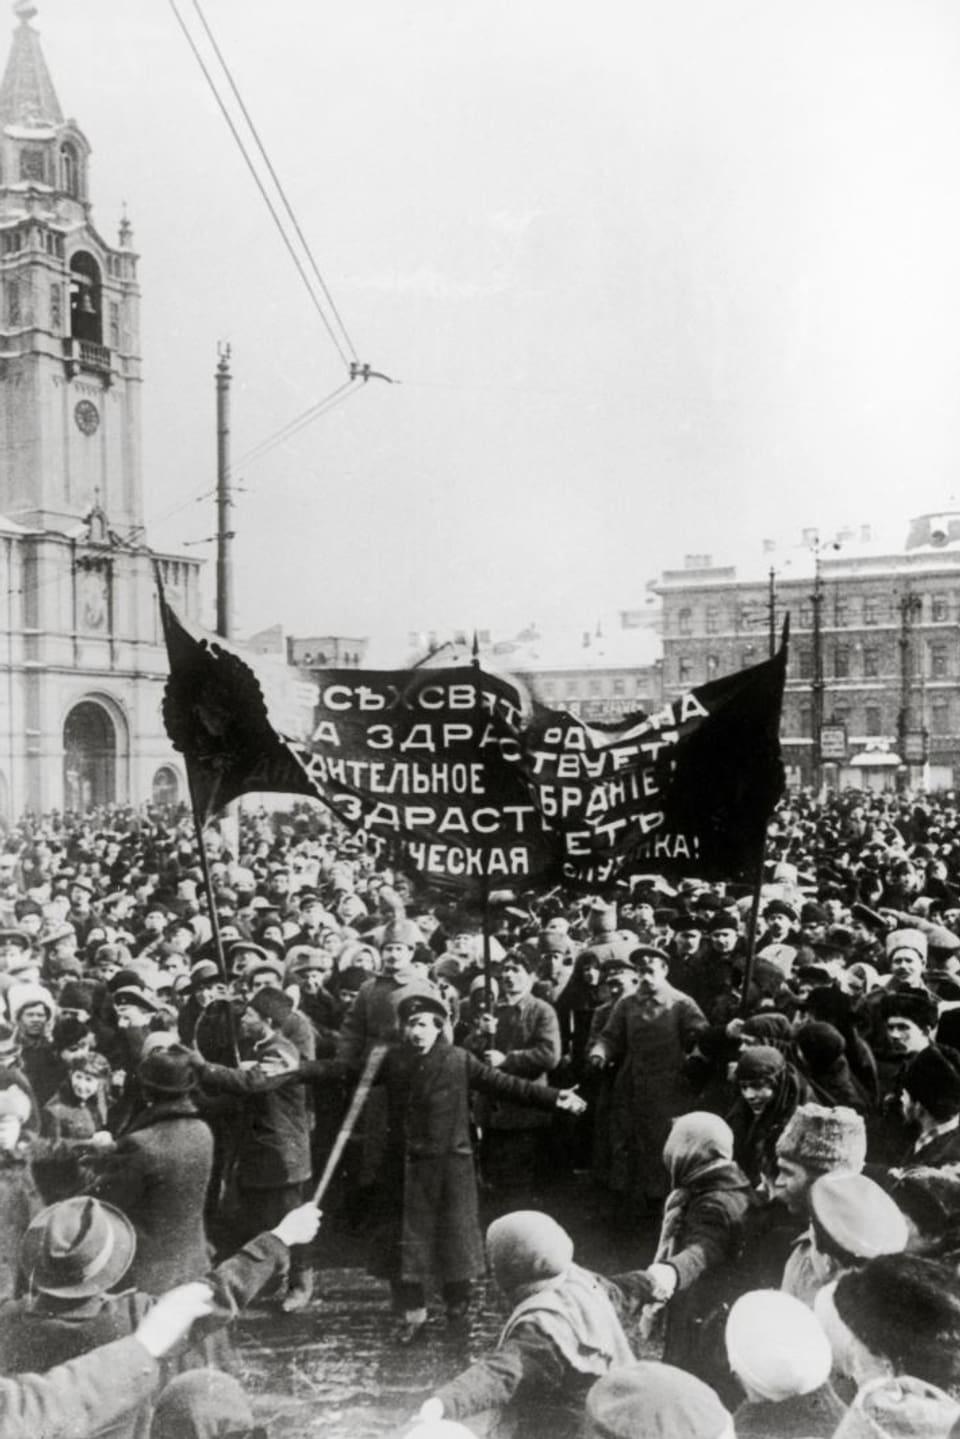 La revoluziun da favrer 1917